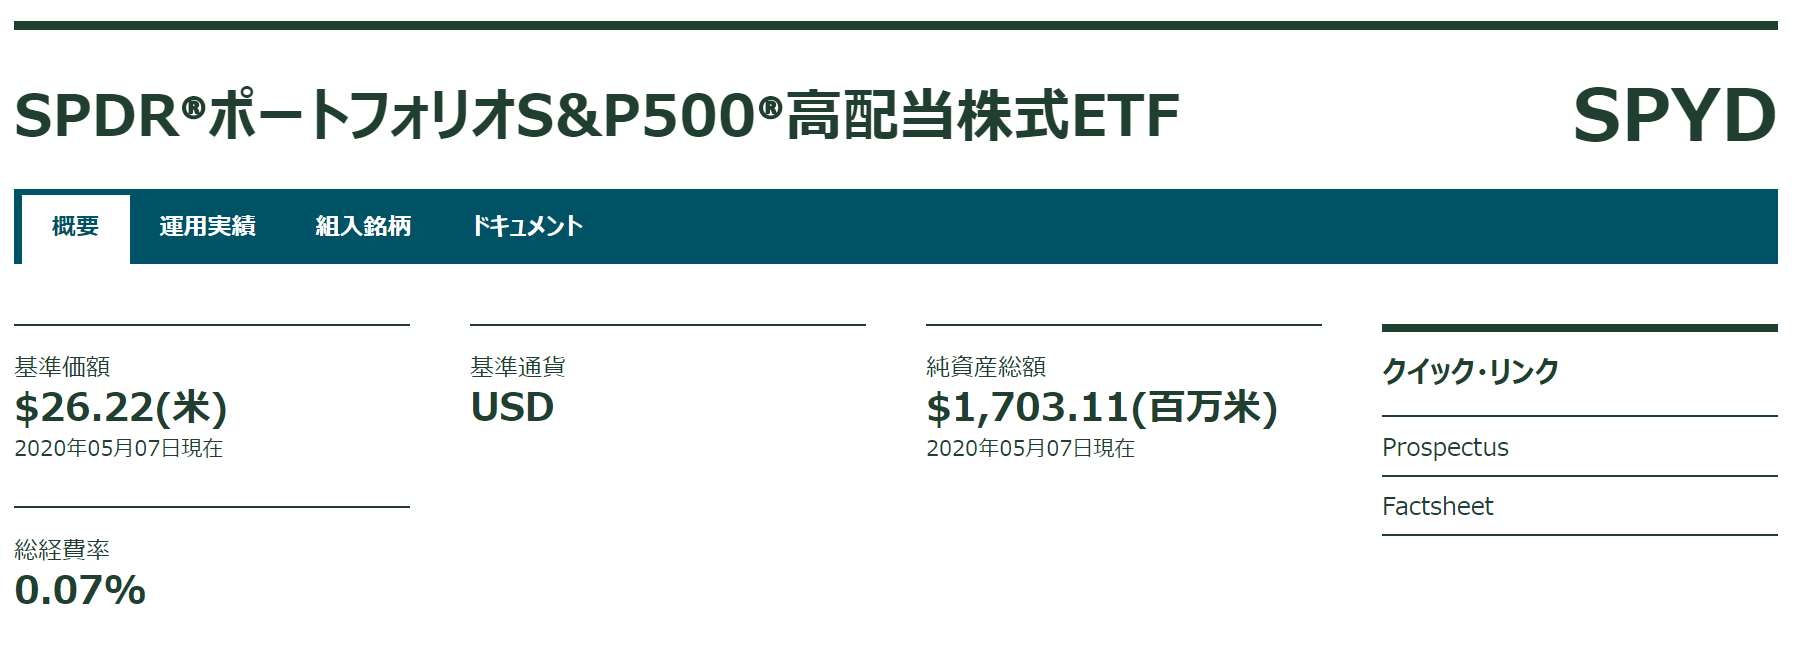 SPYD紹介ページ